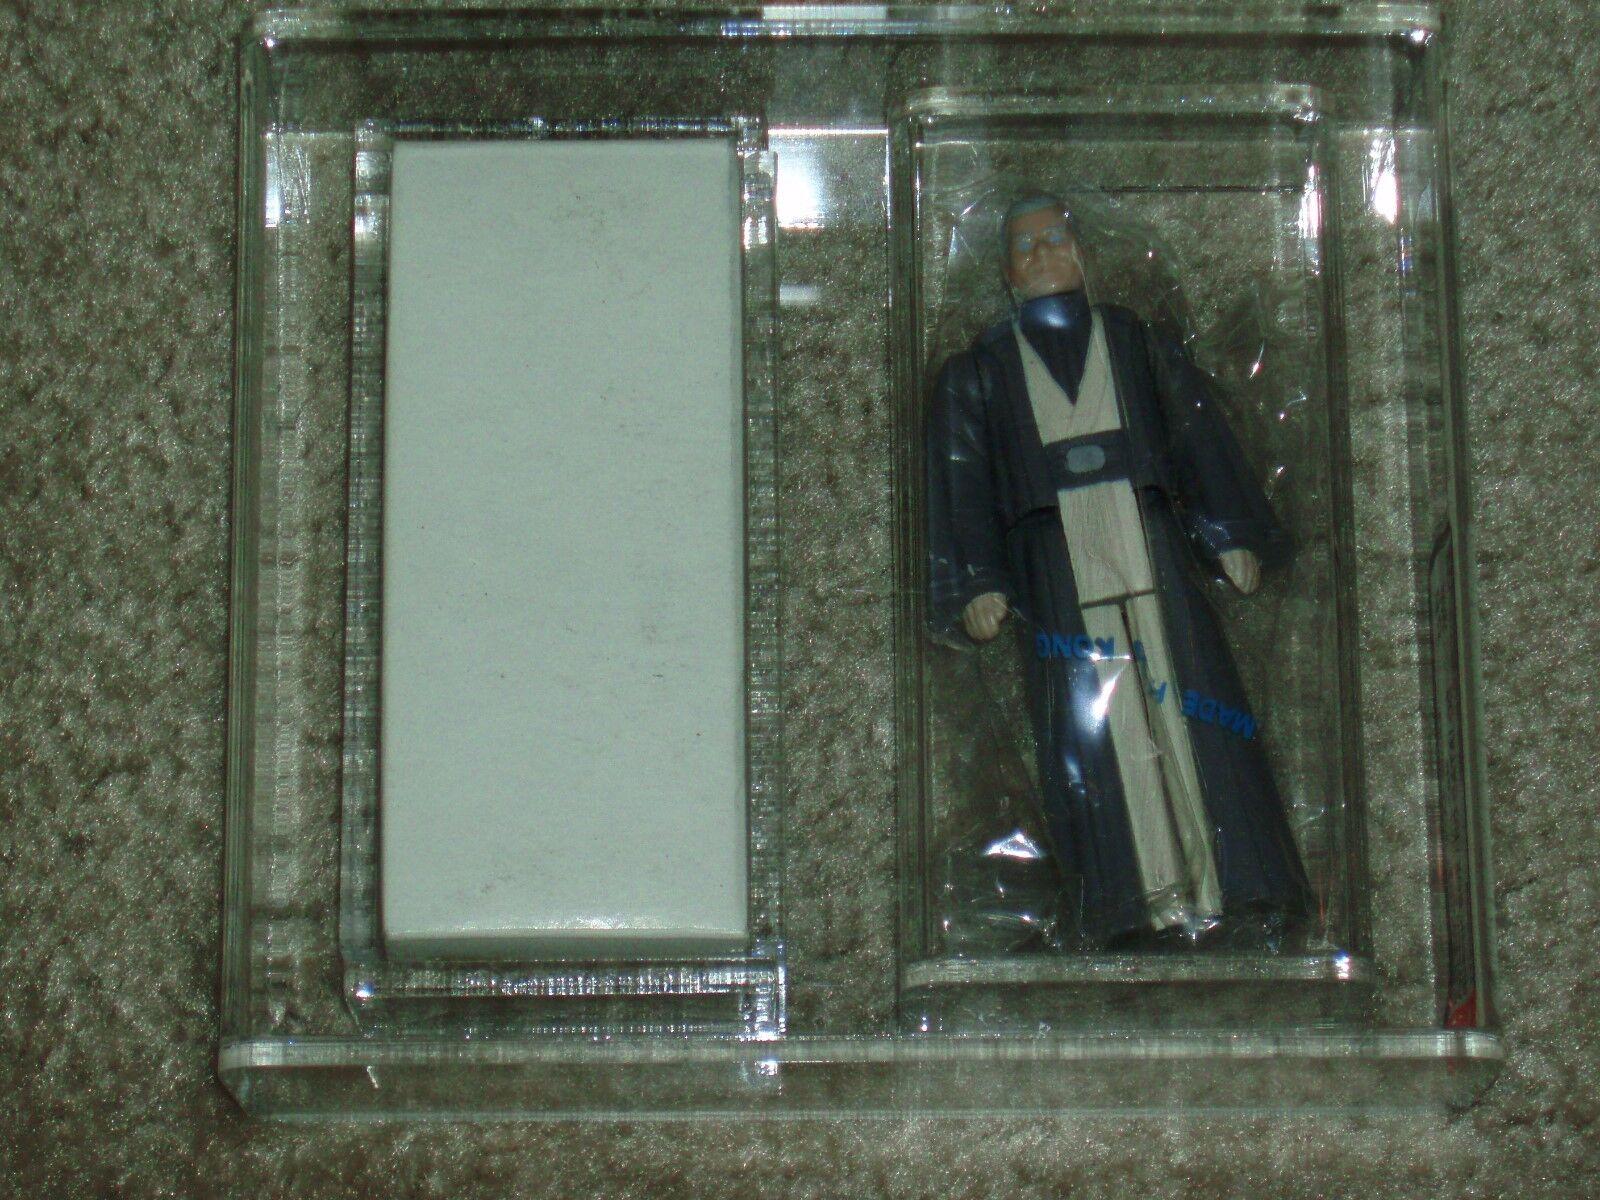 De colección Guerra de las galaxias 1985 Figura de Acción autoridad 85 90 90 Anakin Skywalker Mailer caja mis PaliJuguete